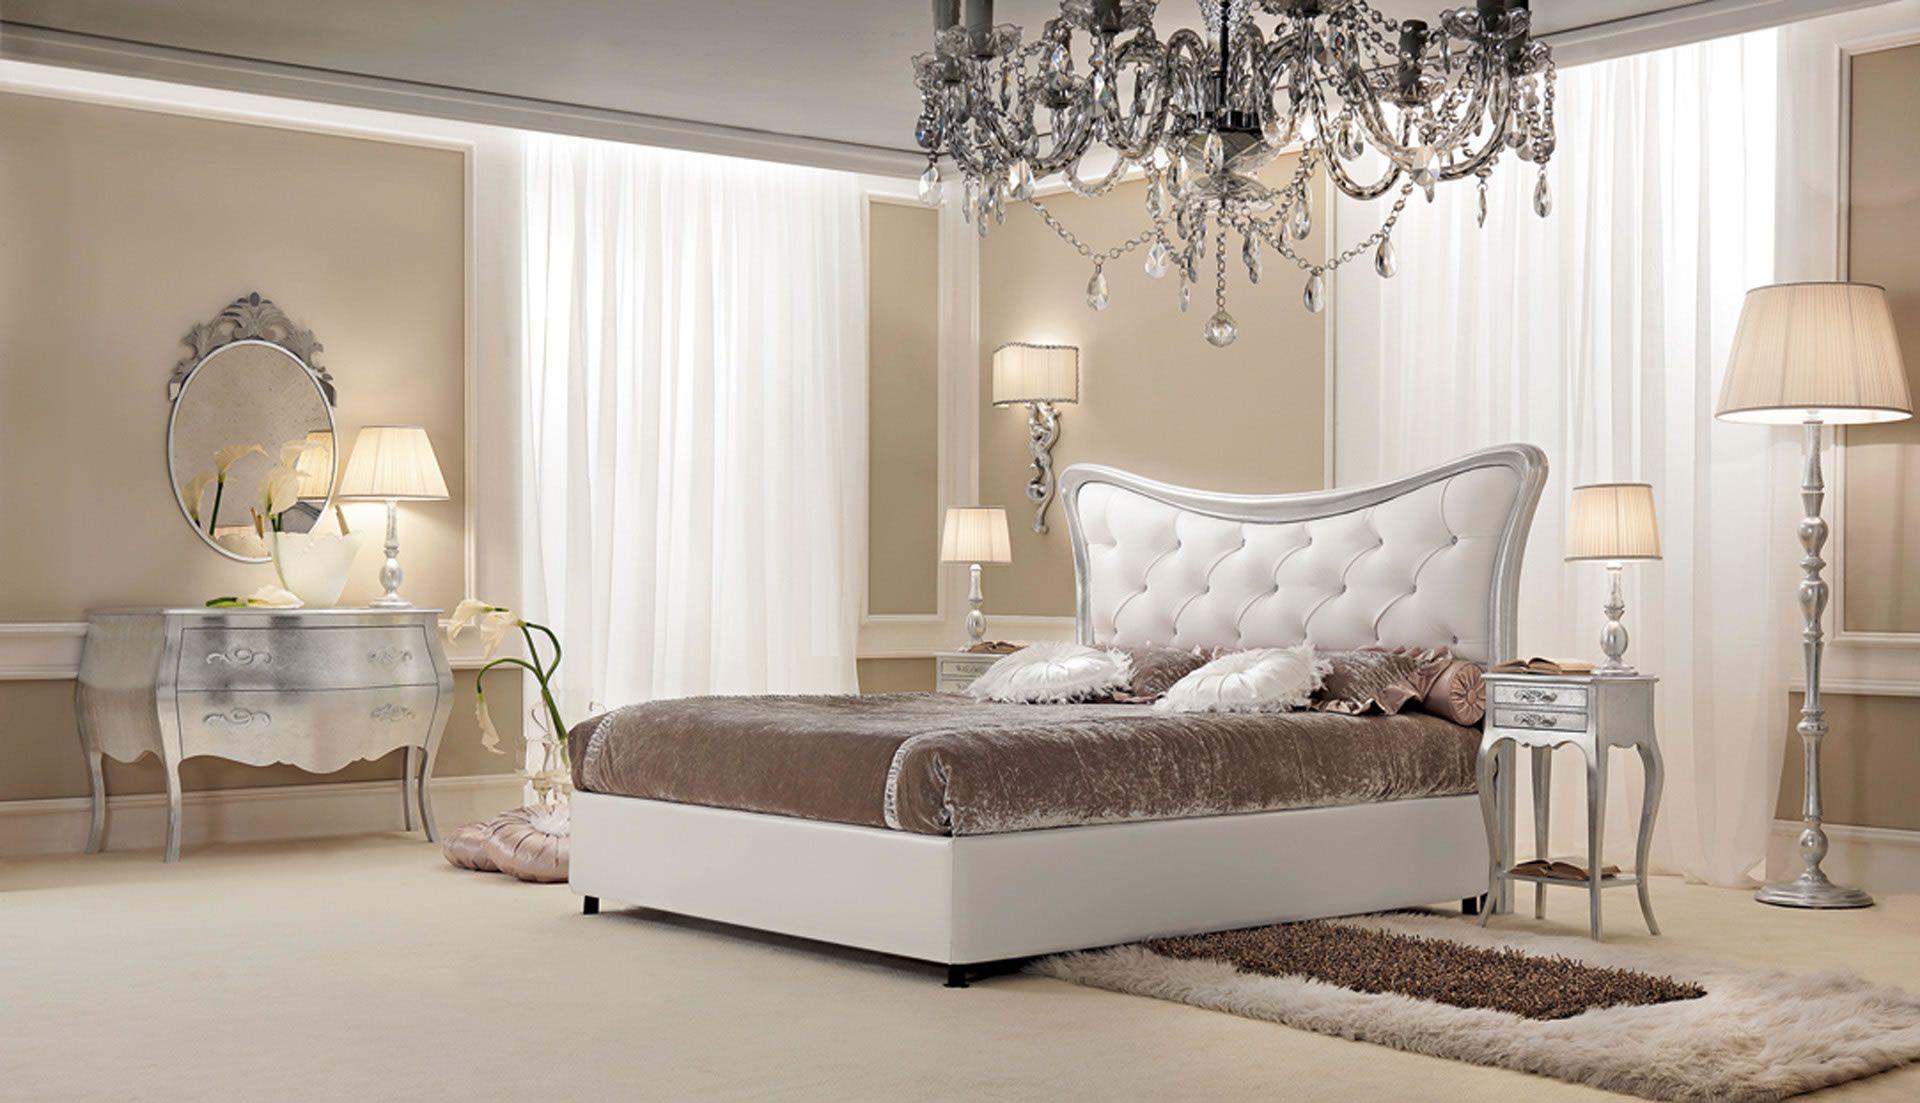 Camera Da Letto Modello Glamour : Mobili di lusso glamour zona notte gotha luxury appartamento